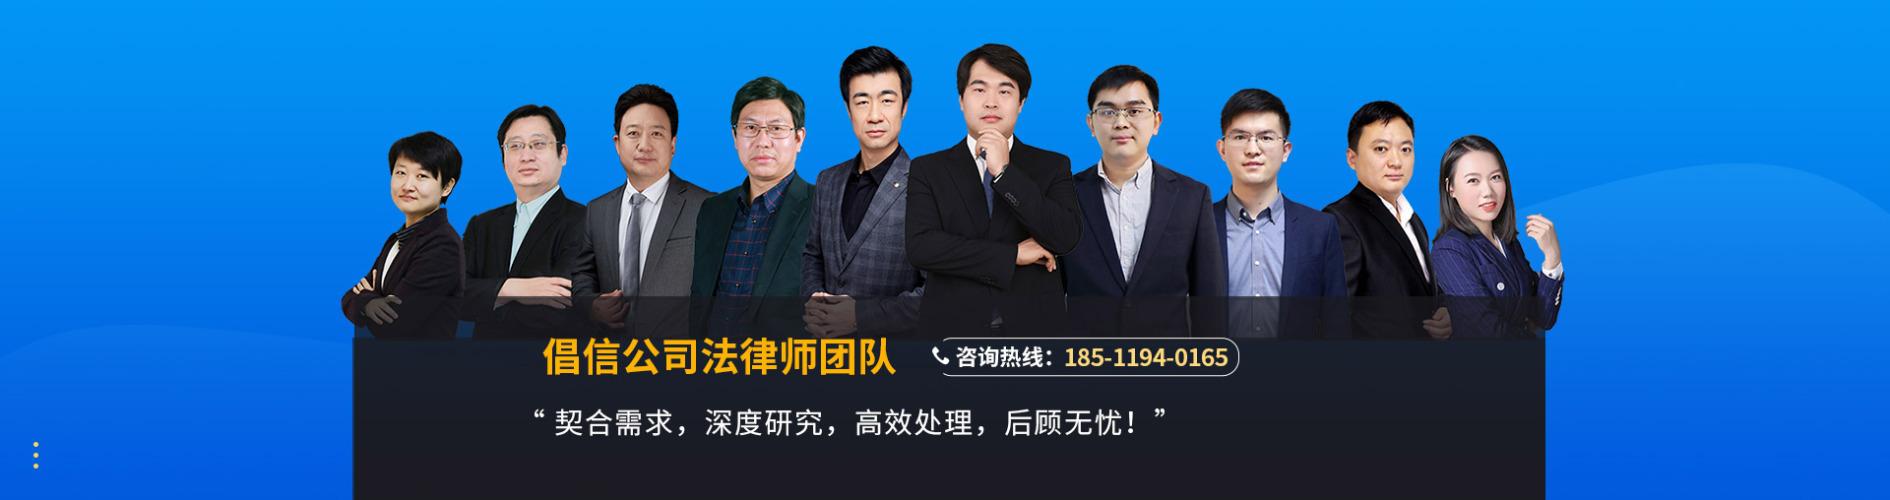 苏宁的律师团队网站